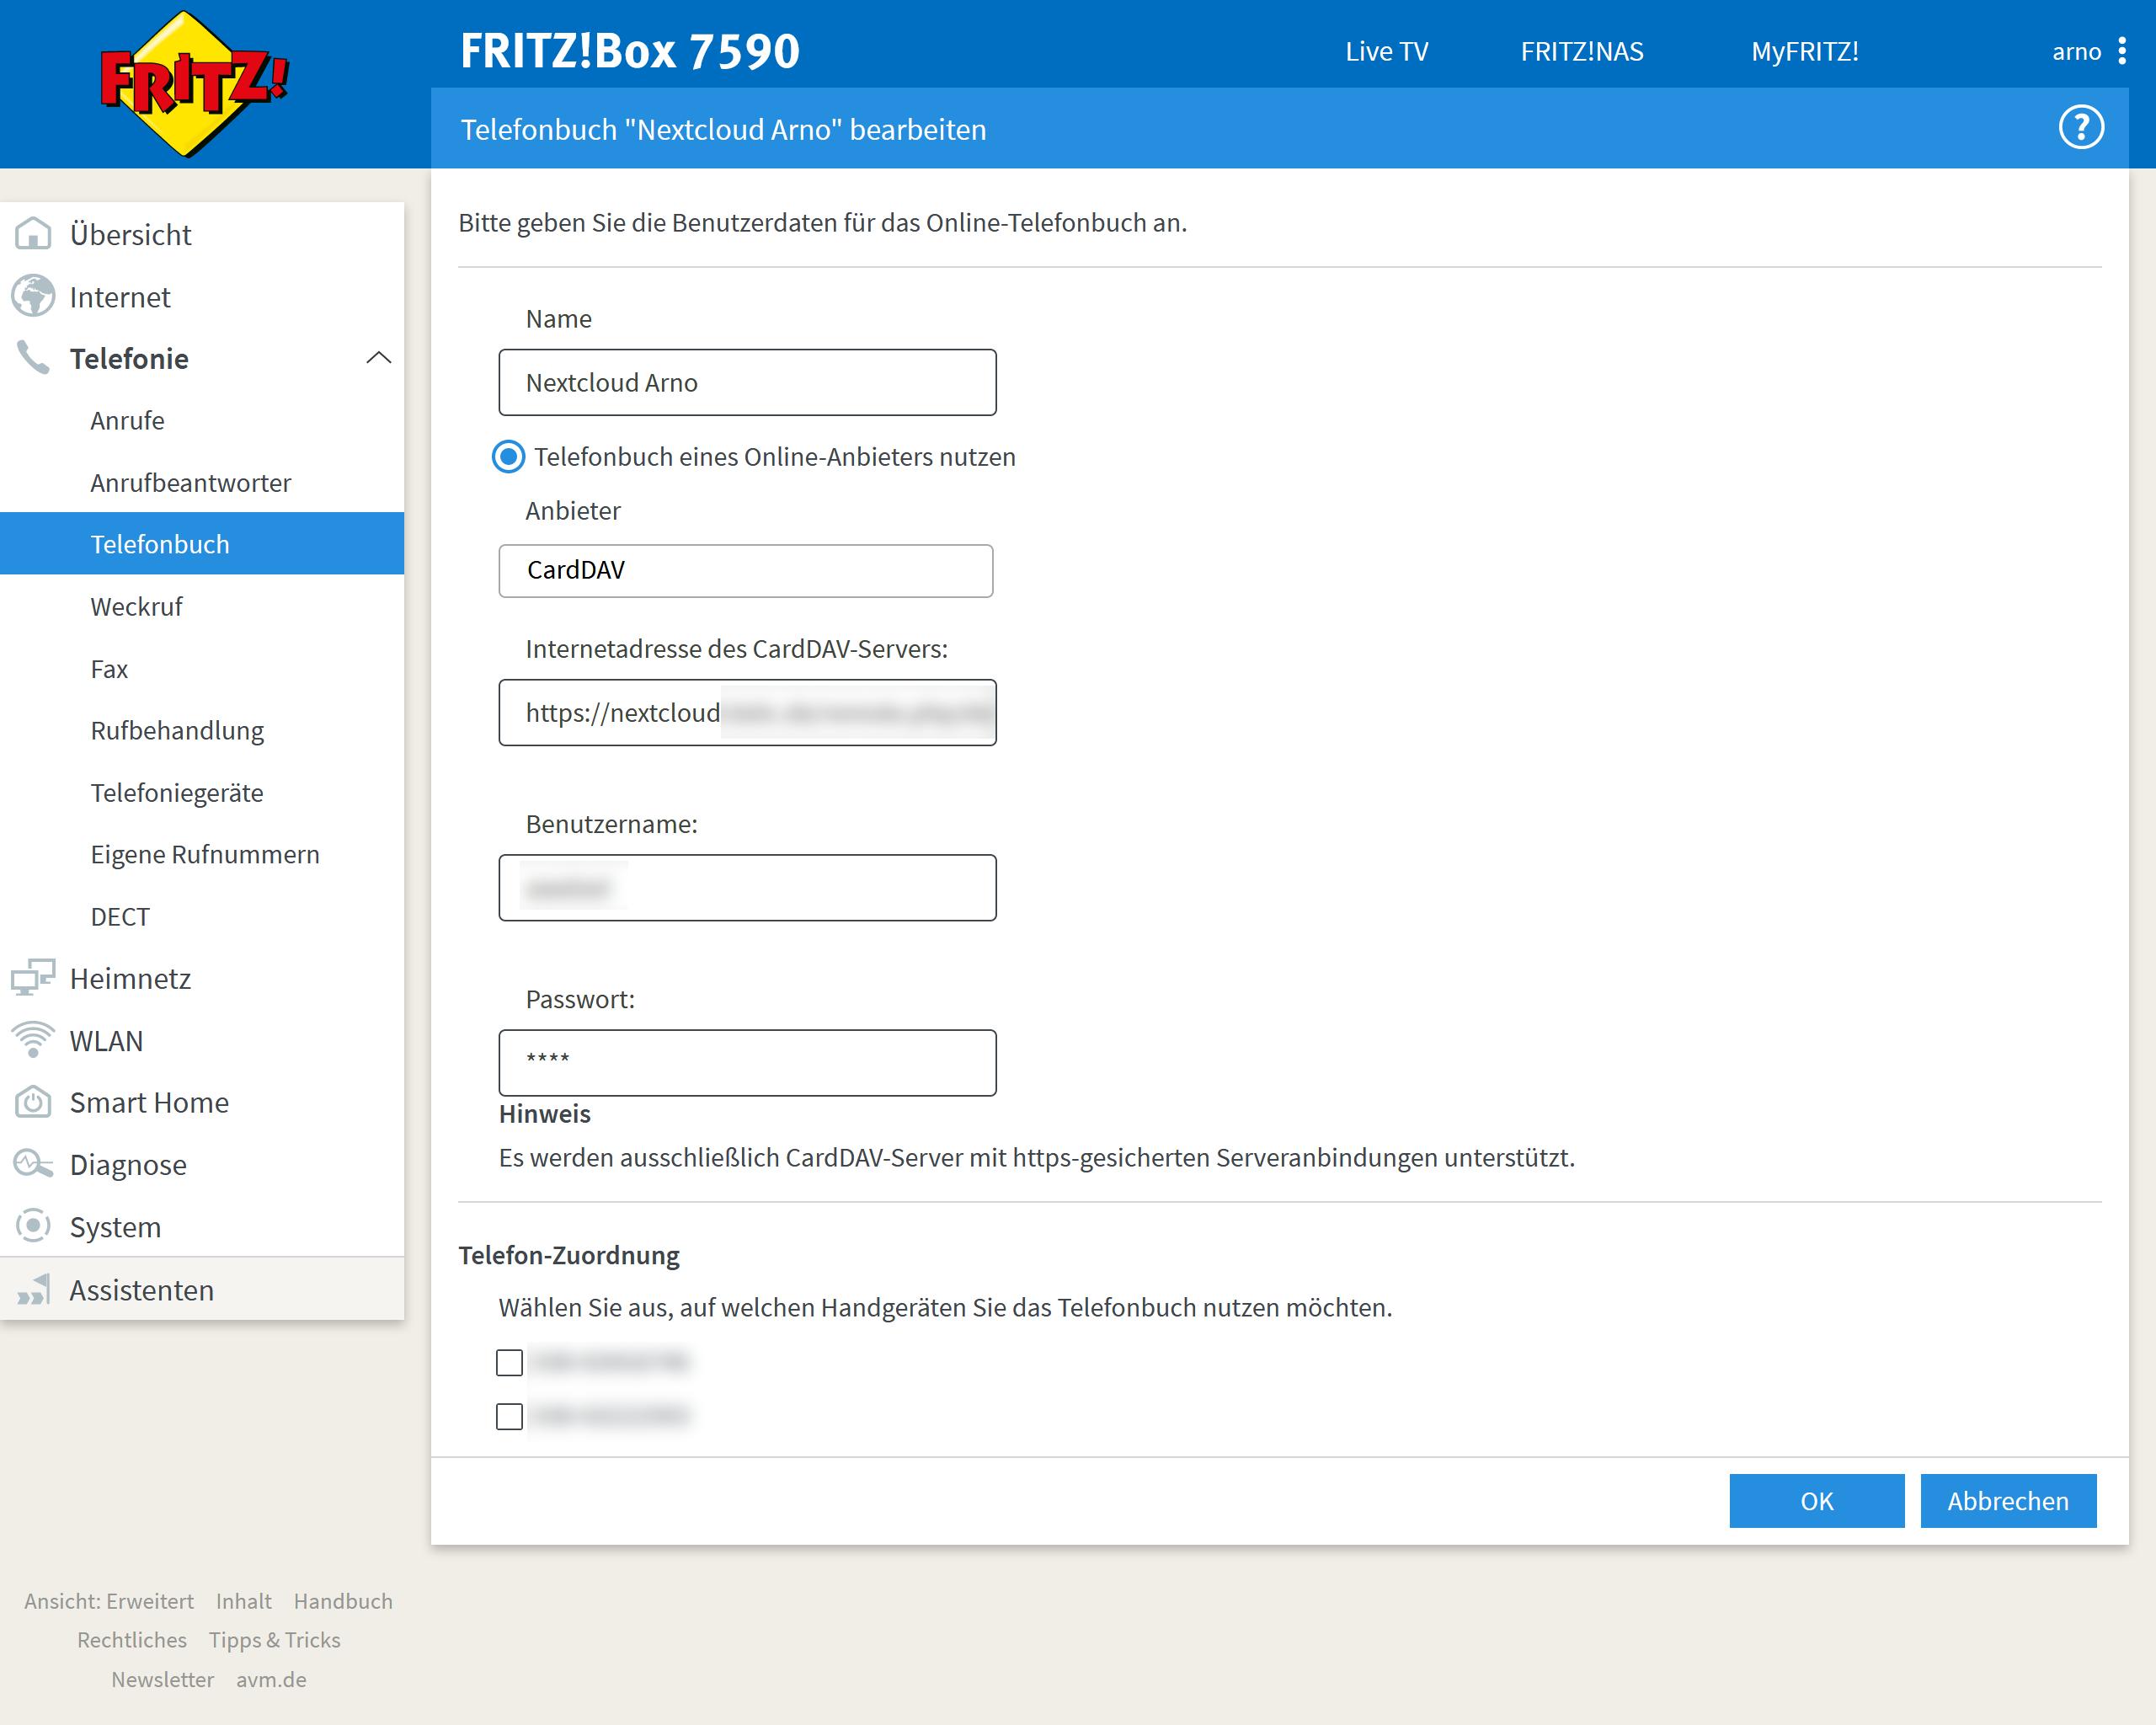 Fritz Os 7.20 Für 7490